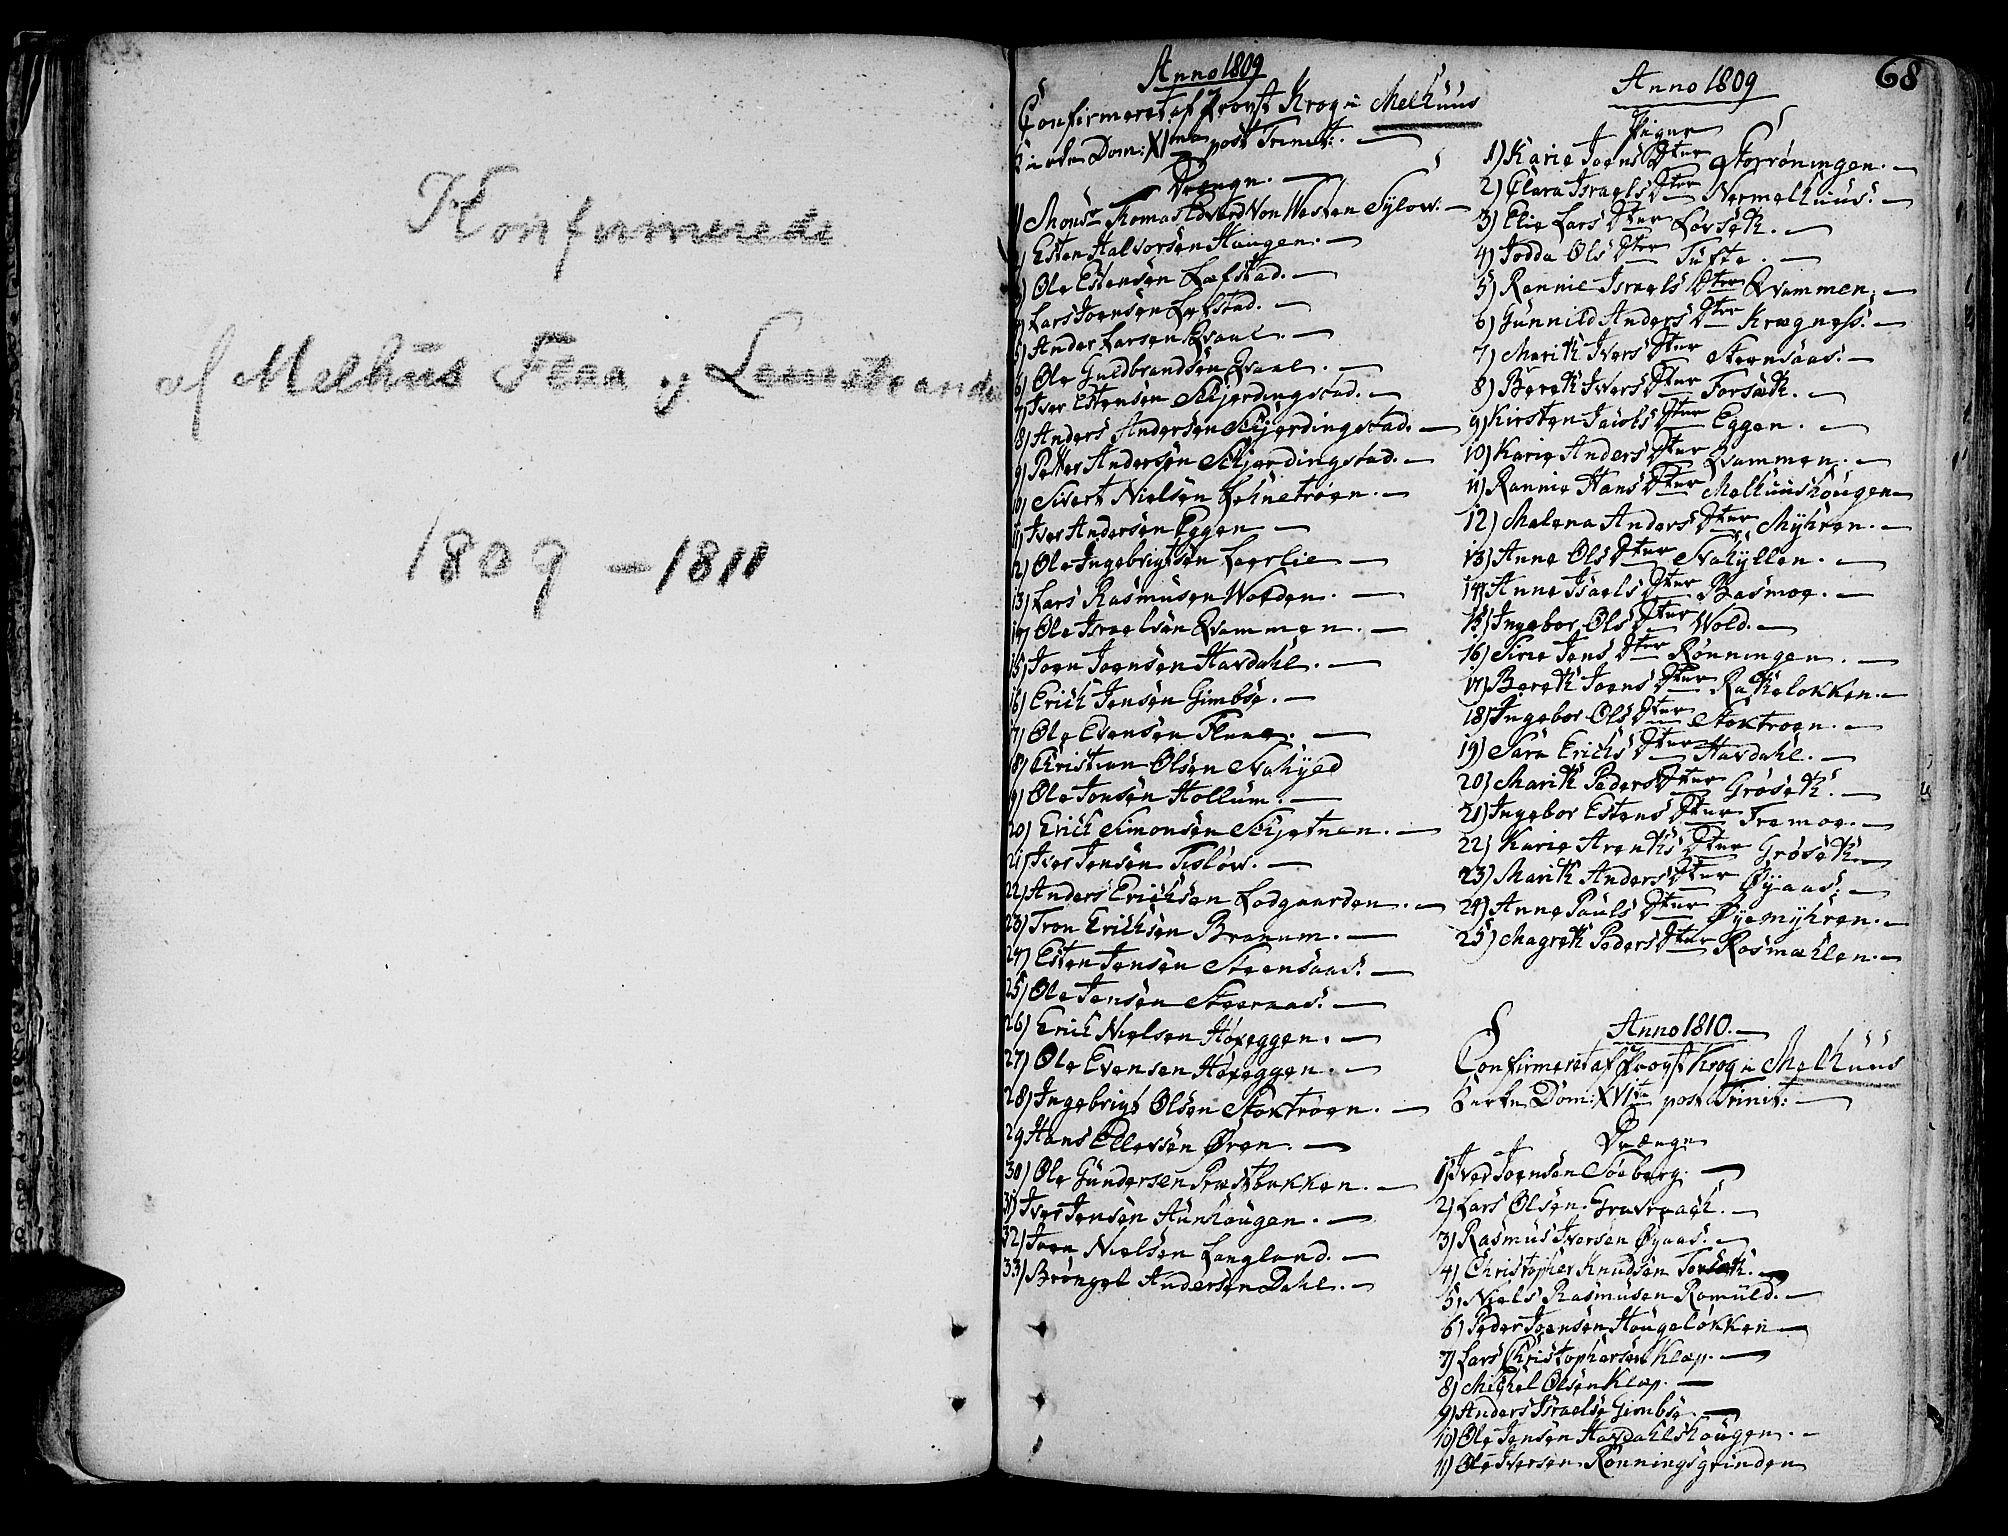 SAT, Ministerialprotokoller, klokkerbøker og fødselsregistre - Sør-Trøndelag, 691/L1061: Ministerialbok nr. 691A02 /1, 1768-1815, s. 68